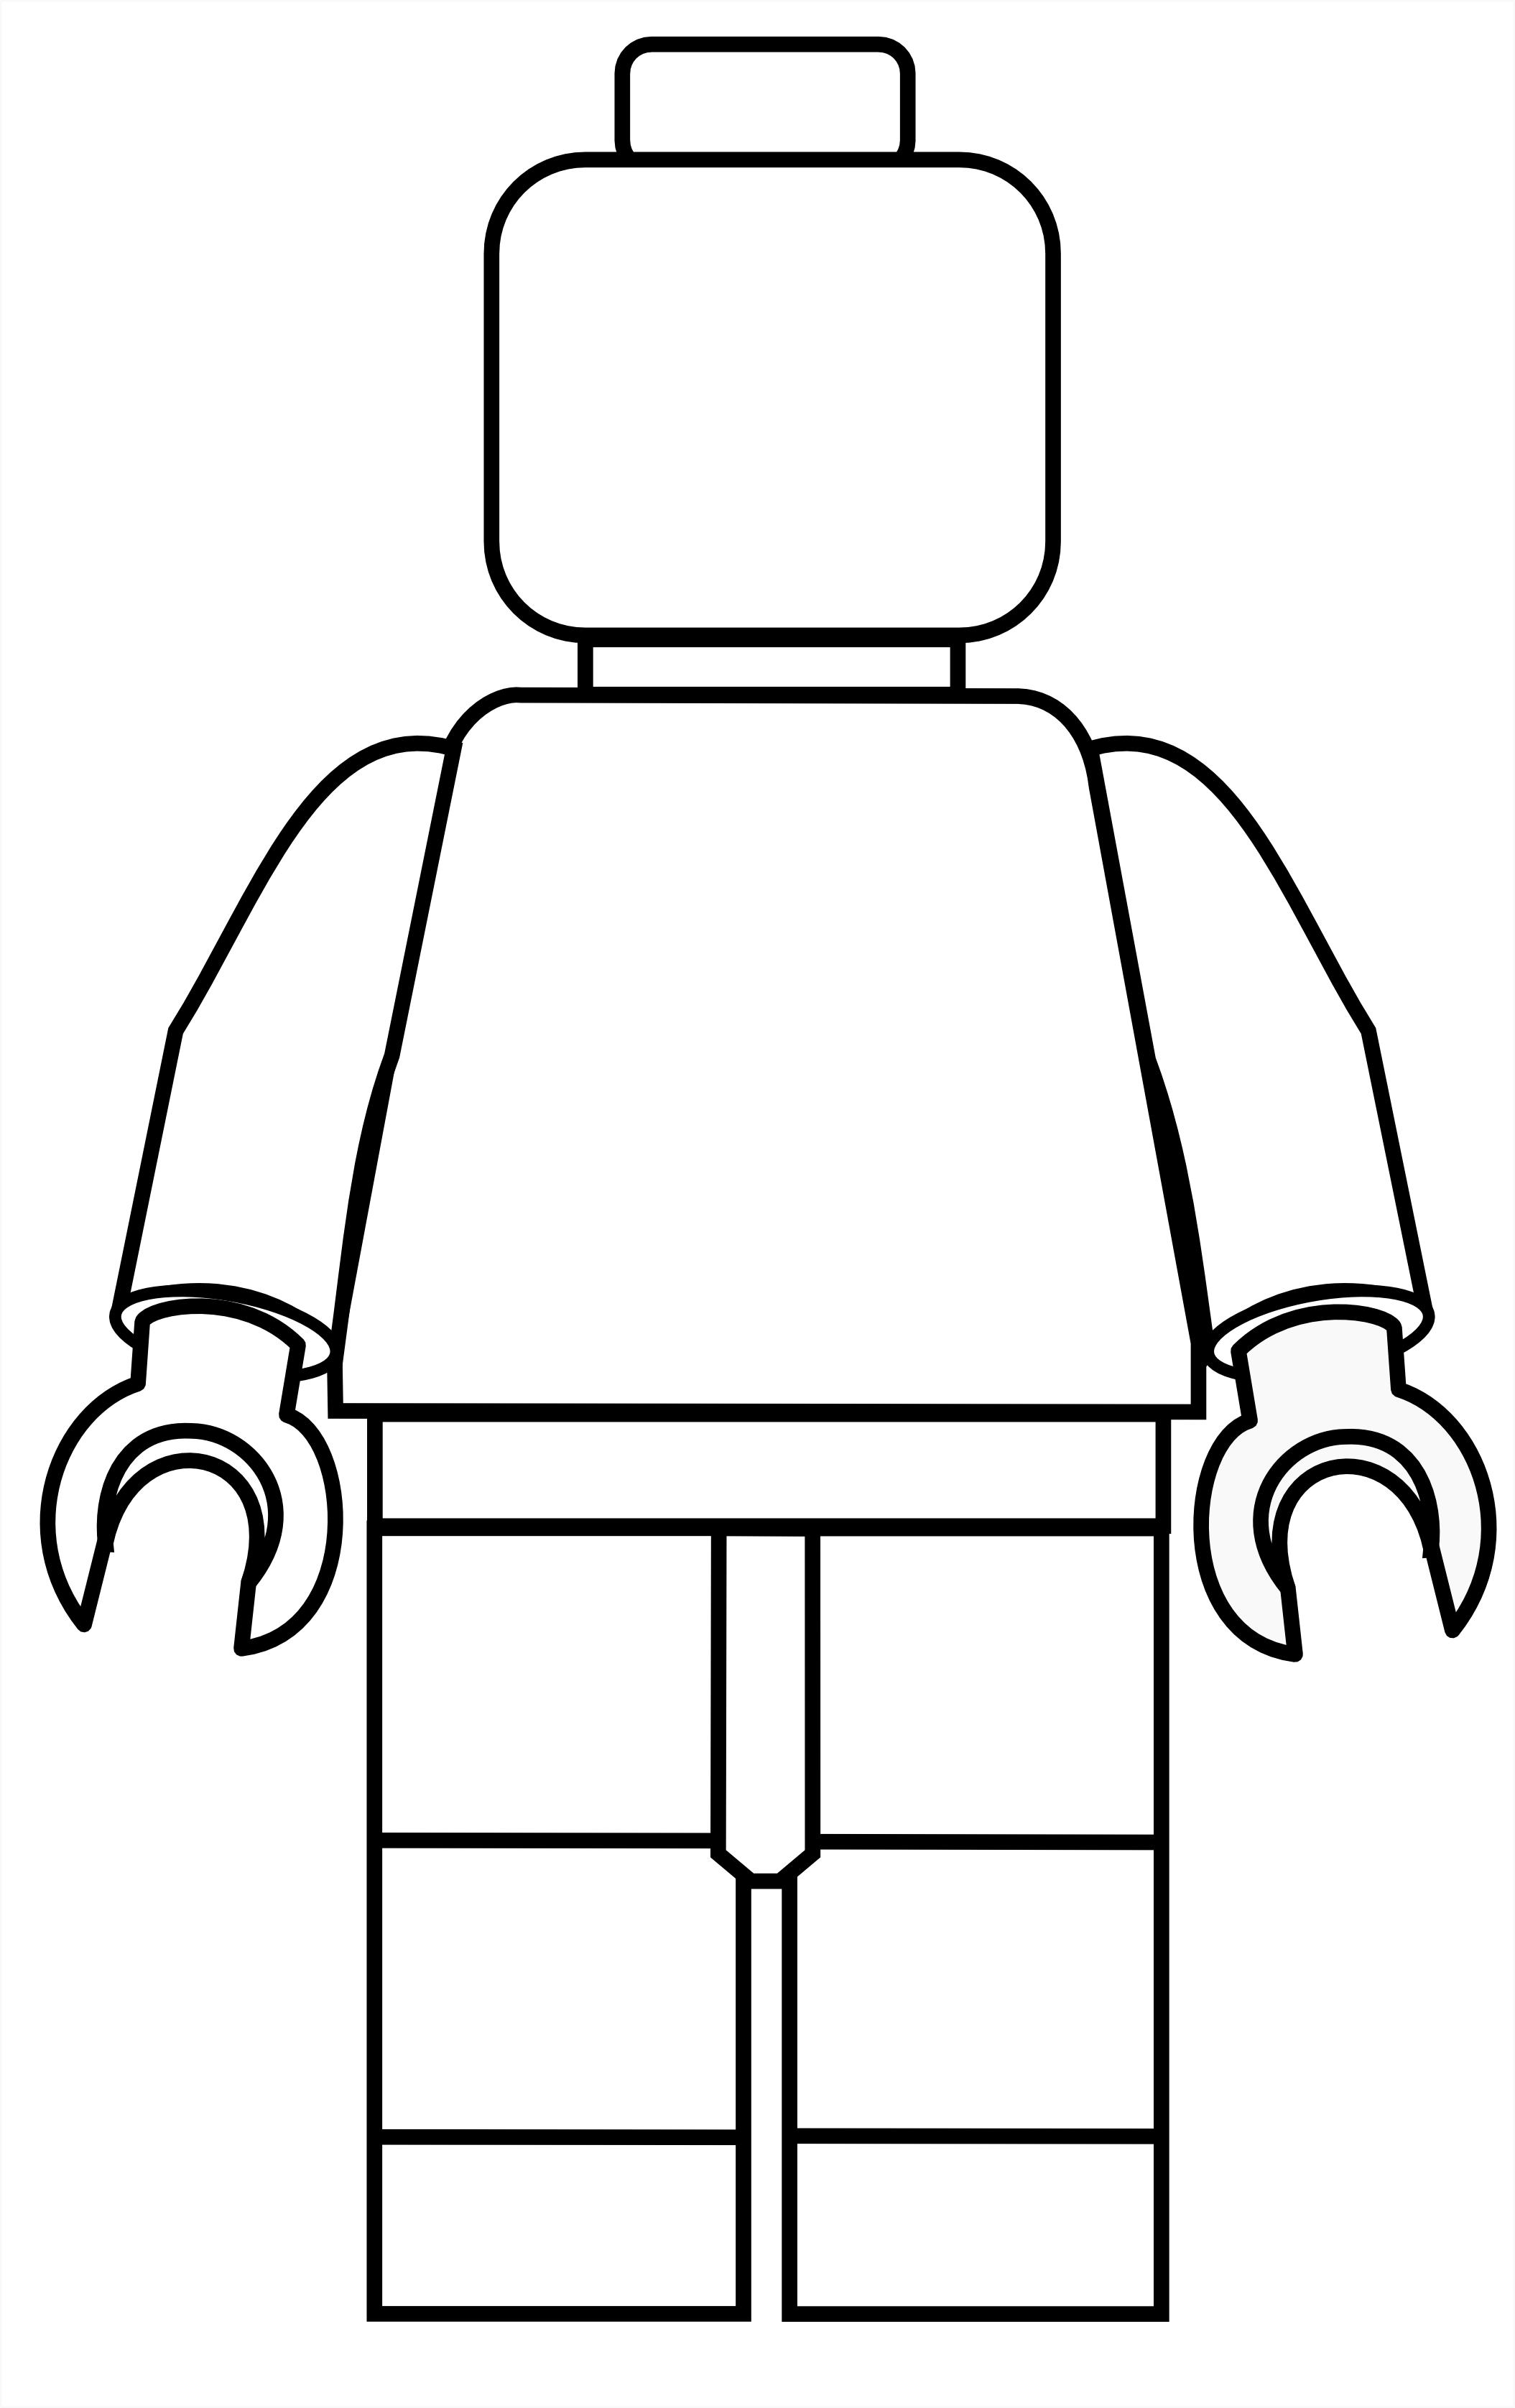 Más tamaños | Lego Mini Fig Drawing Template | Flickr: ¡Intercambio ...